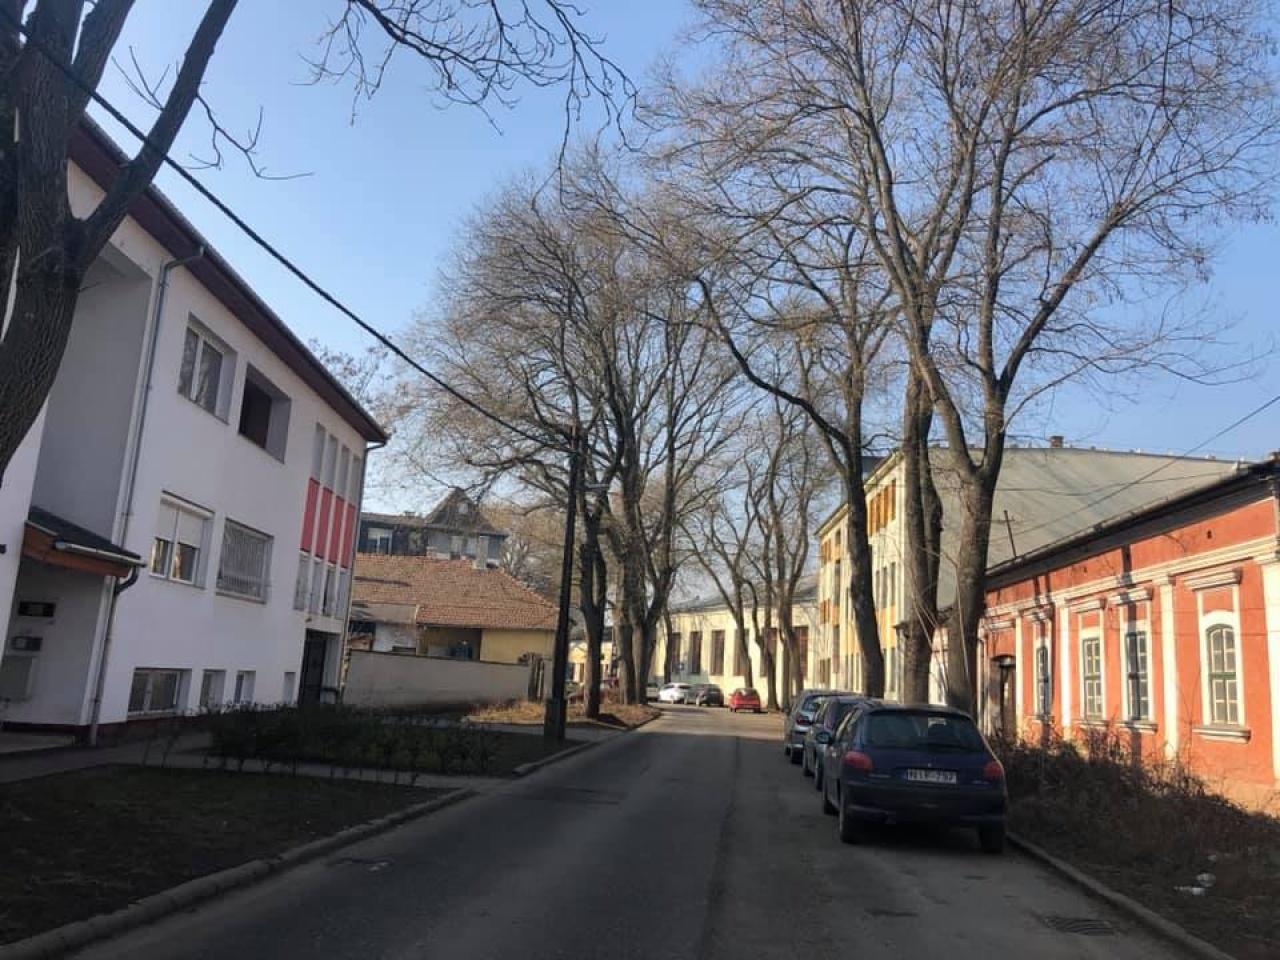 Folytatódnak a faápolási munkálatok Nyíregyházán – Az Eötvös utca következik!